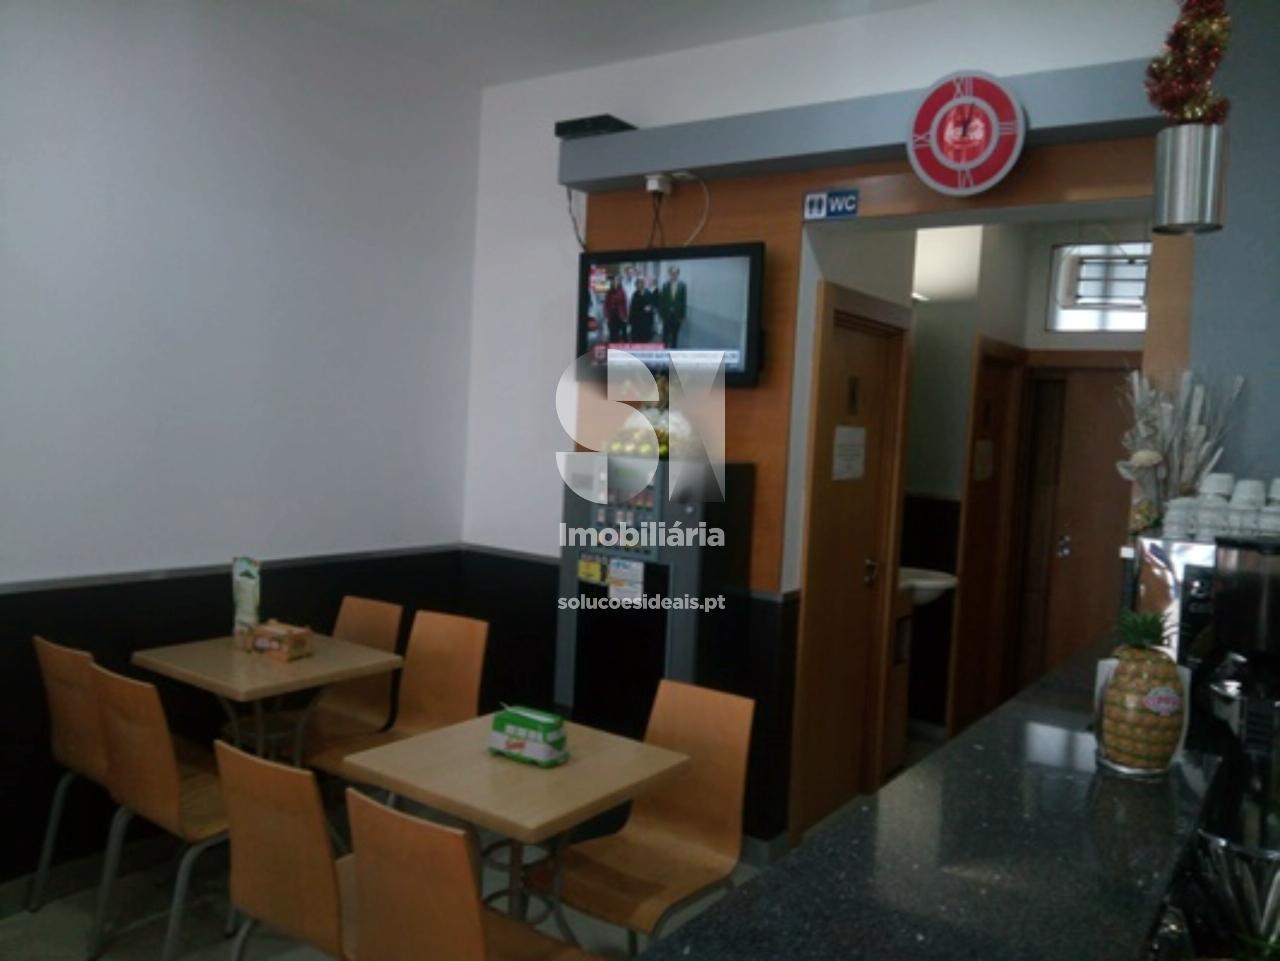 cafe para trespasse em aveiro uniao das freguesias de gloria e vera cruz avenida AVGLB1572